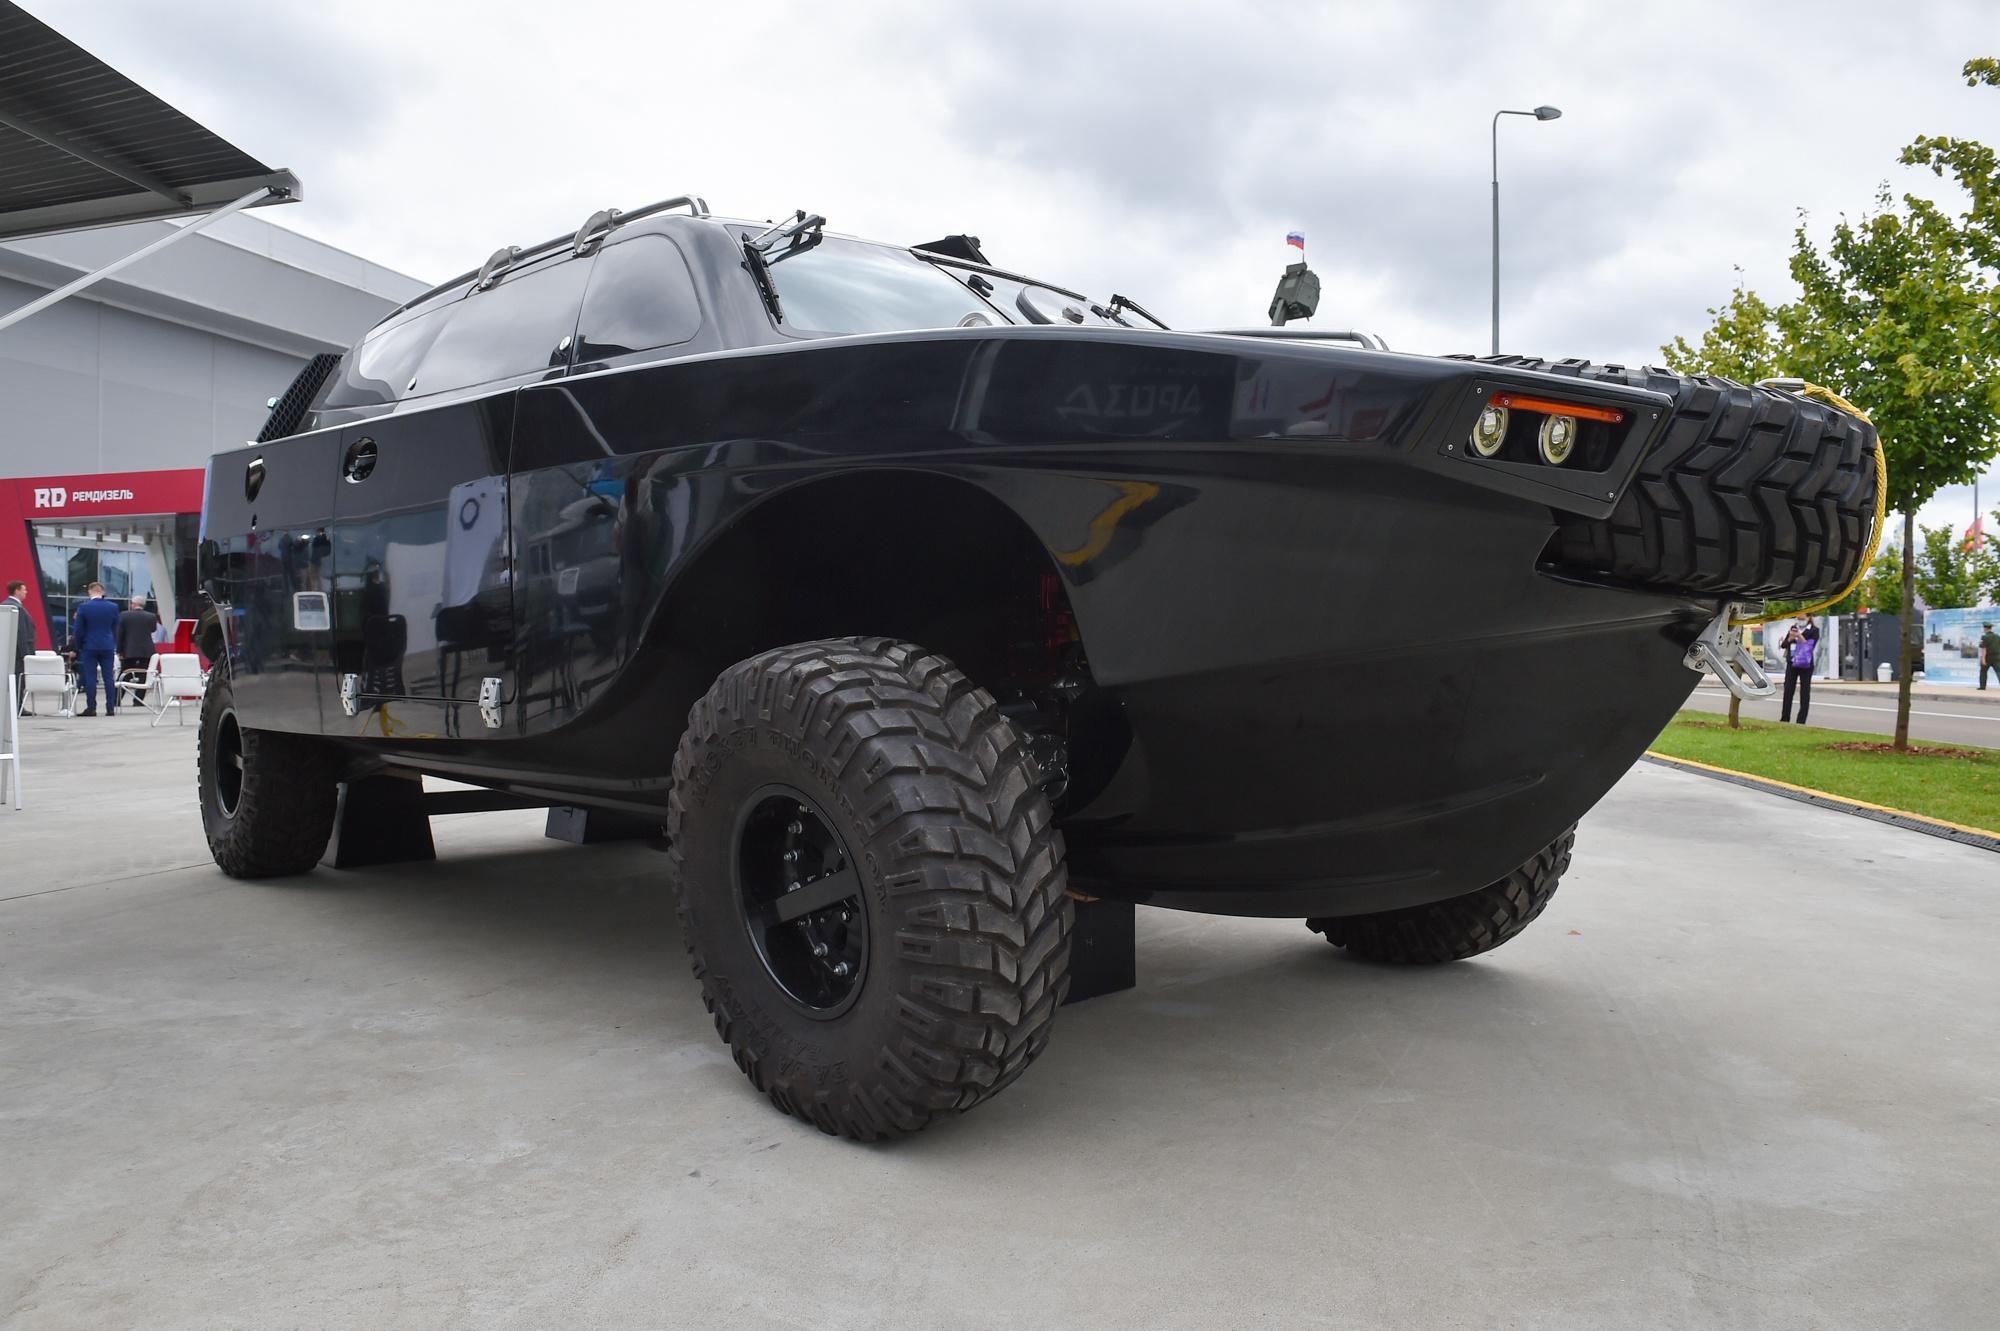 Полноприводный внедорожник-амфибия «Дрозд» способен развивать скорость до 100 км/ч на суше и до 70 км/ч на воде. Масса автомобиля 2 тонны, грузоподъёмность 1,5 тонны.